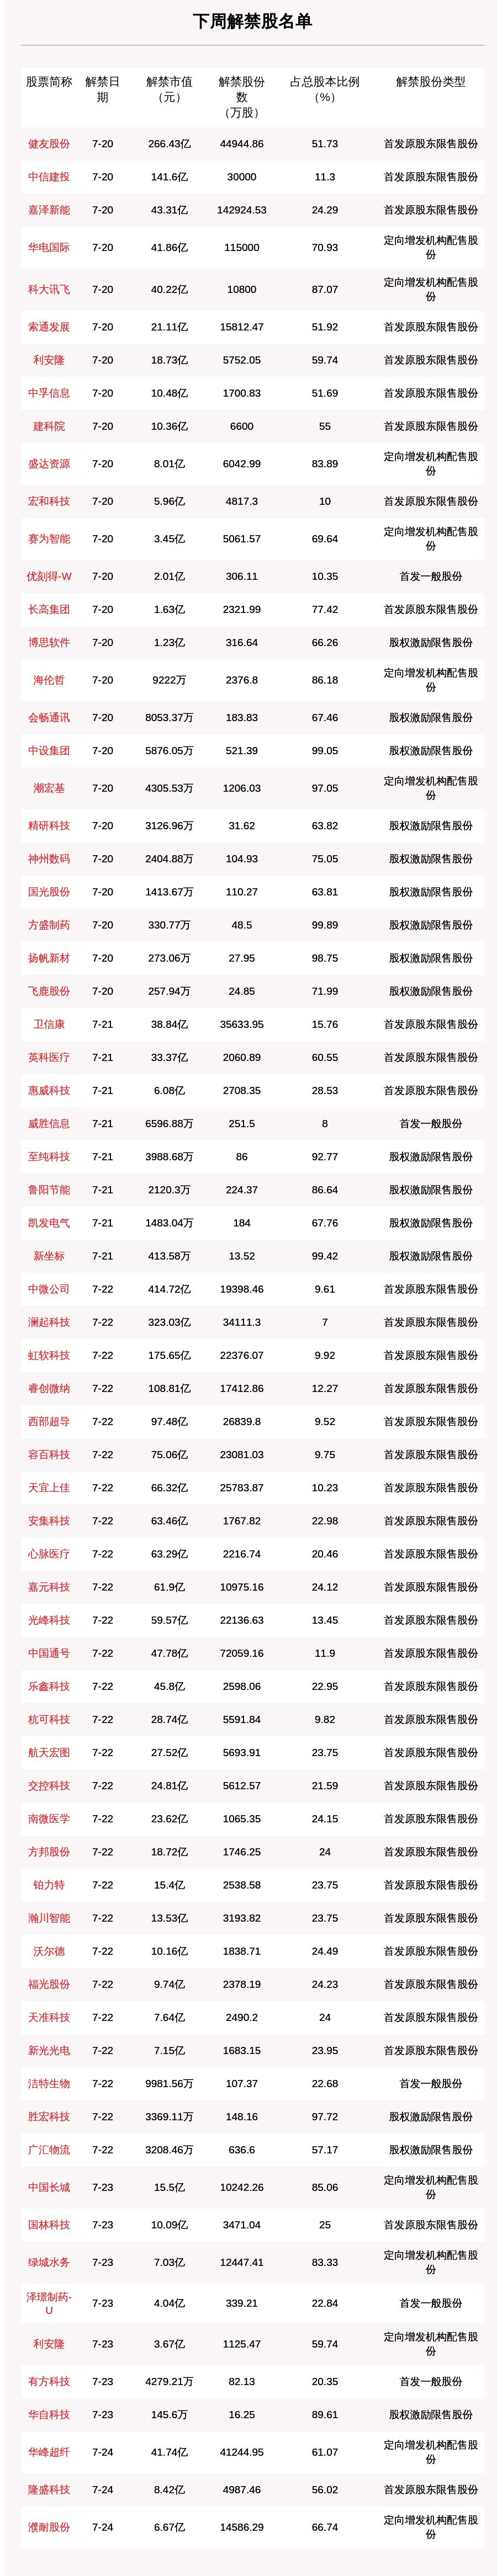 《【超越注册平台】下周限售股解禁市值达2588.81亿元 中微公司、澜起科技榜上有名》